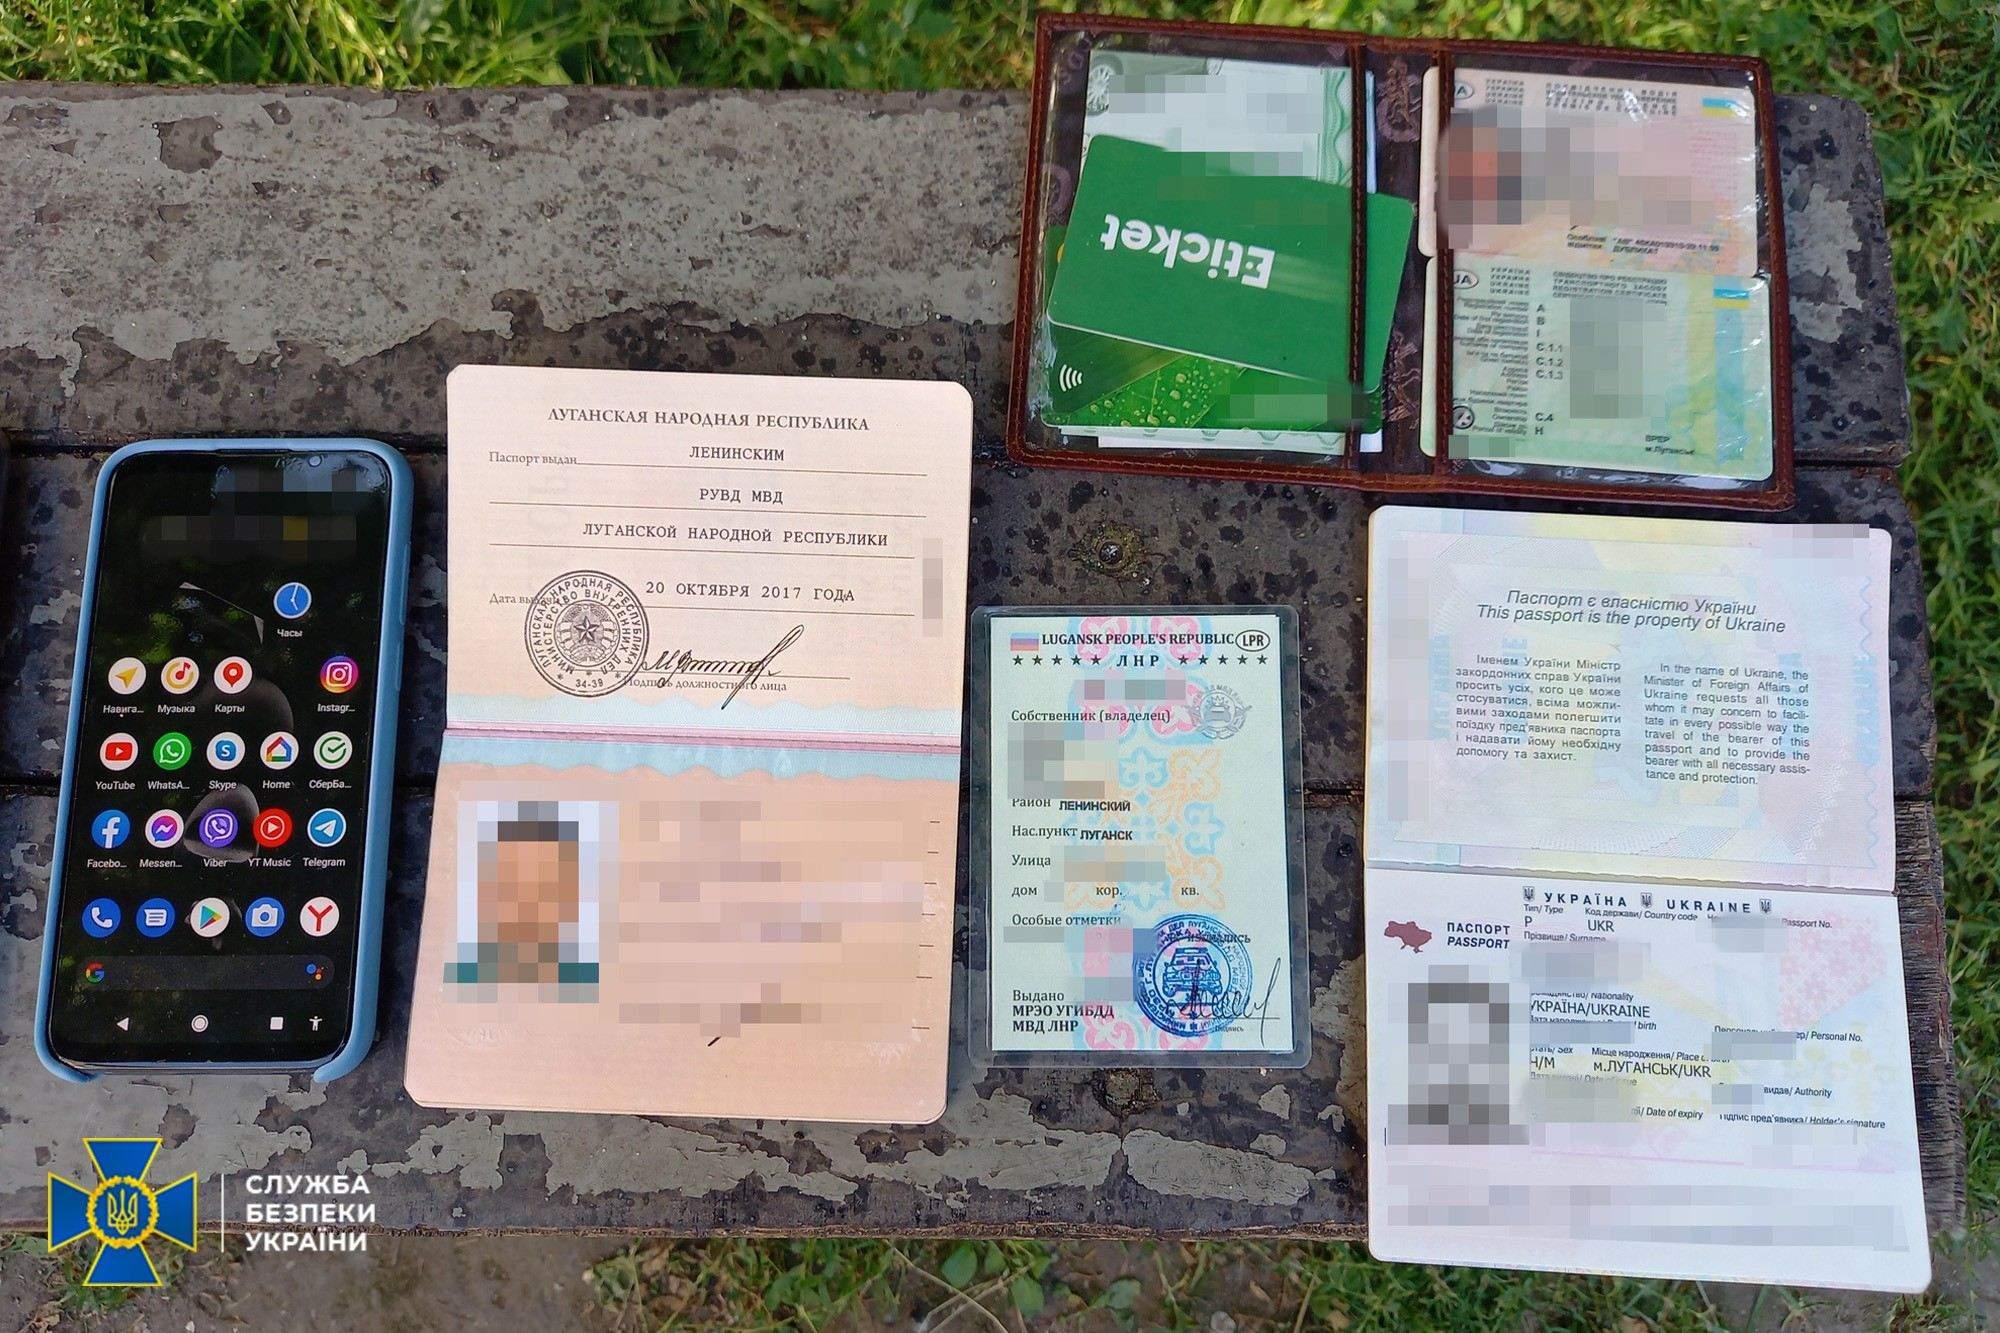 Фейкові документи окупантів